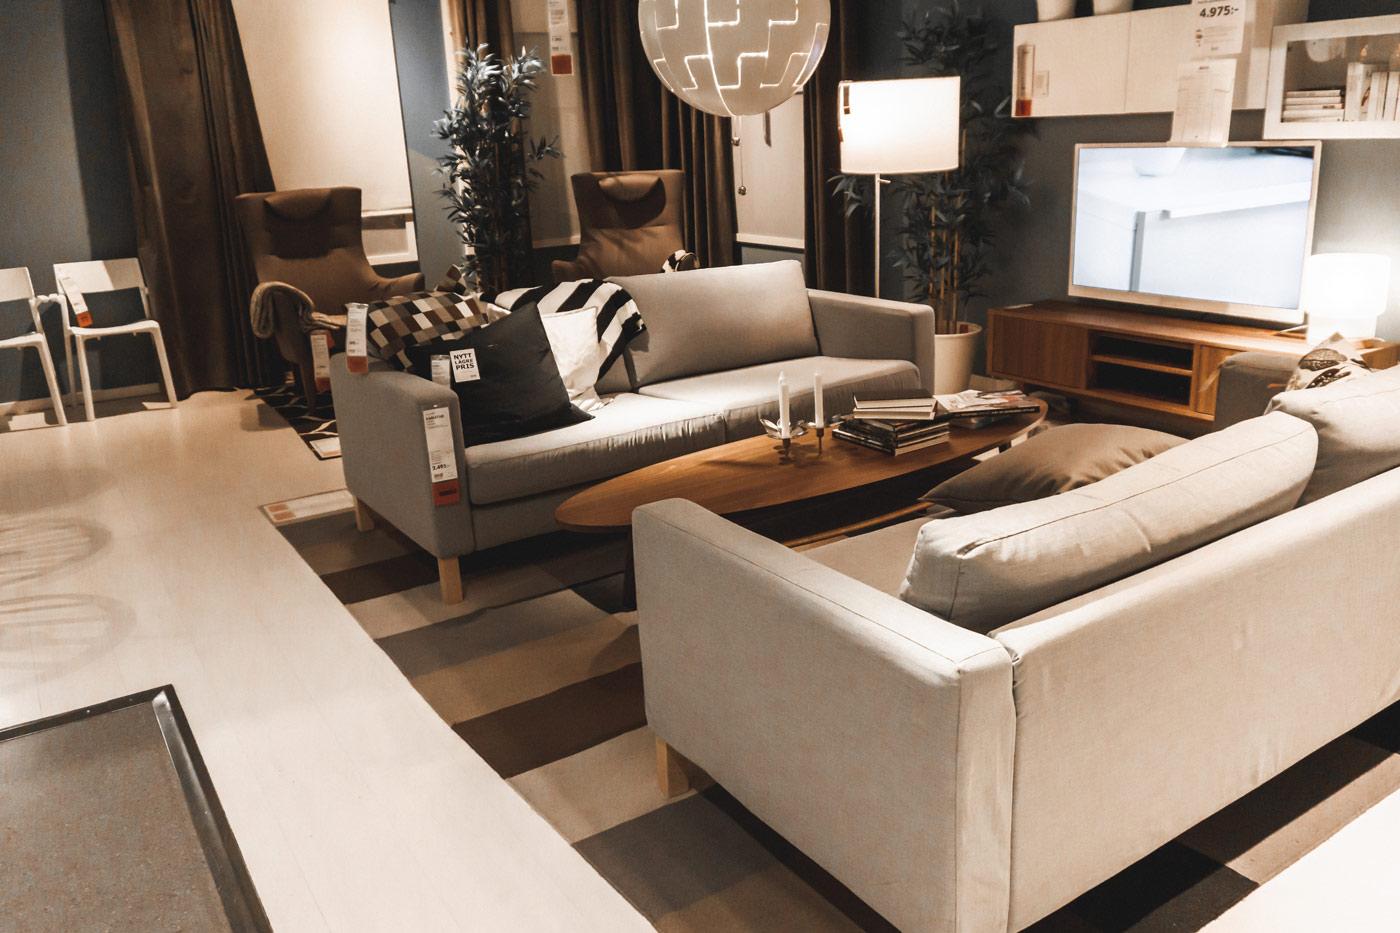 Ikea Wohnzimmer einrichten